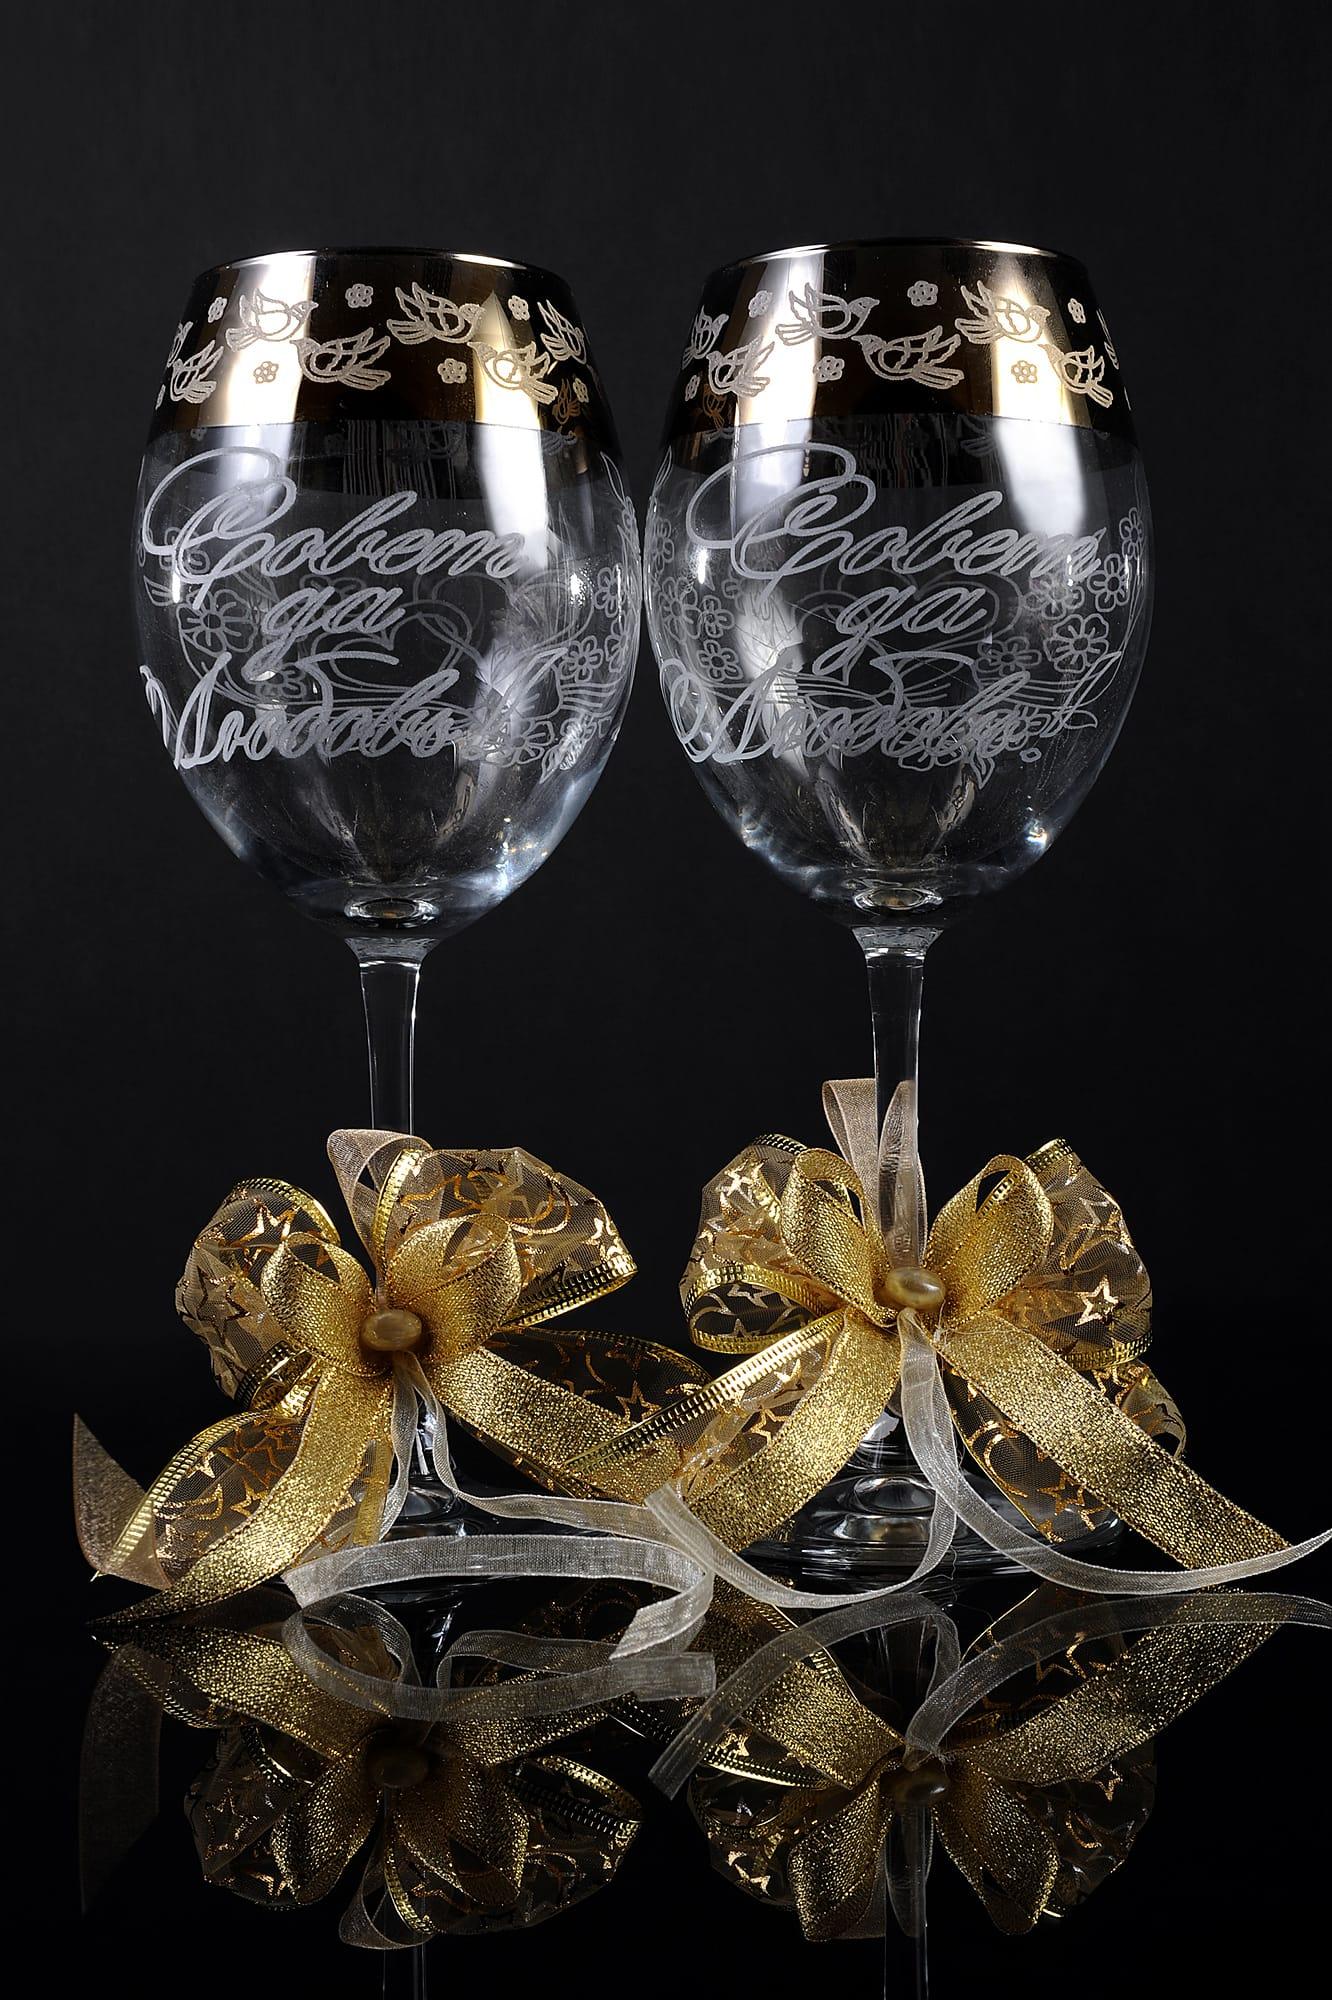 Элегантные свадебные бокалы с надписью «Совет да любовь» и золотистыми бантами.